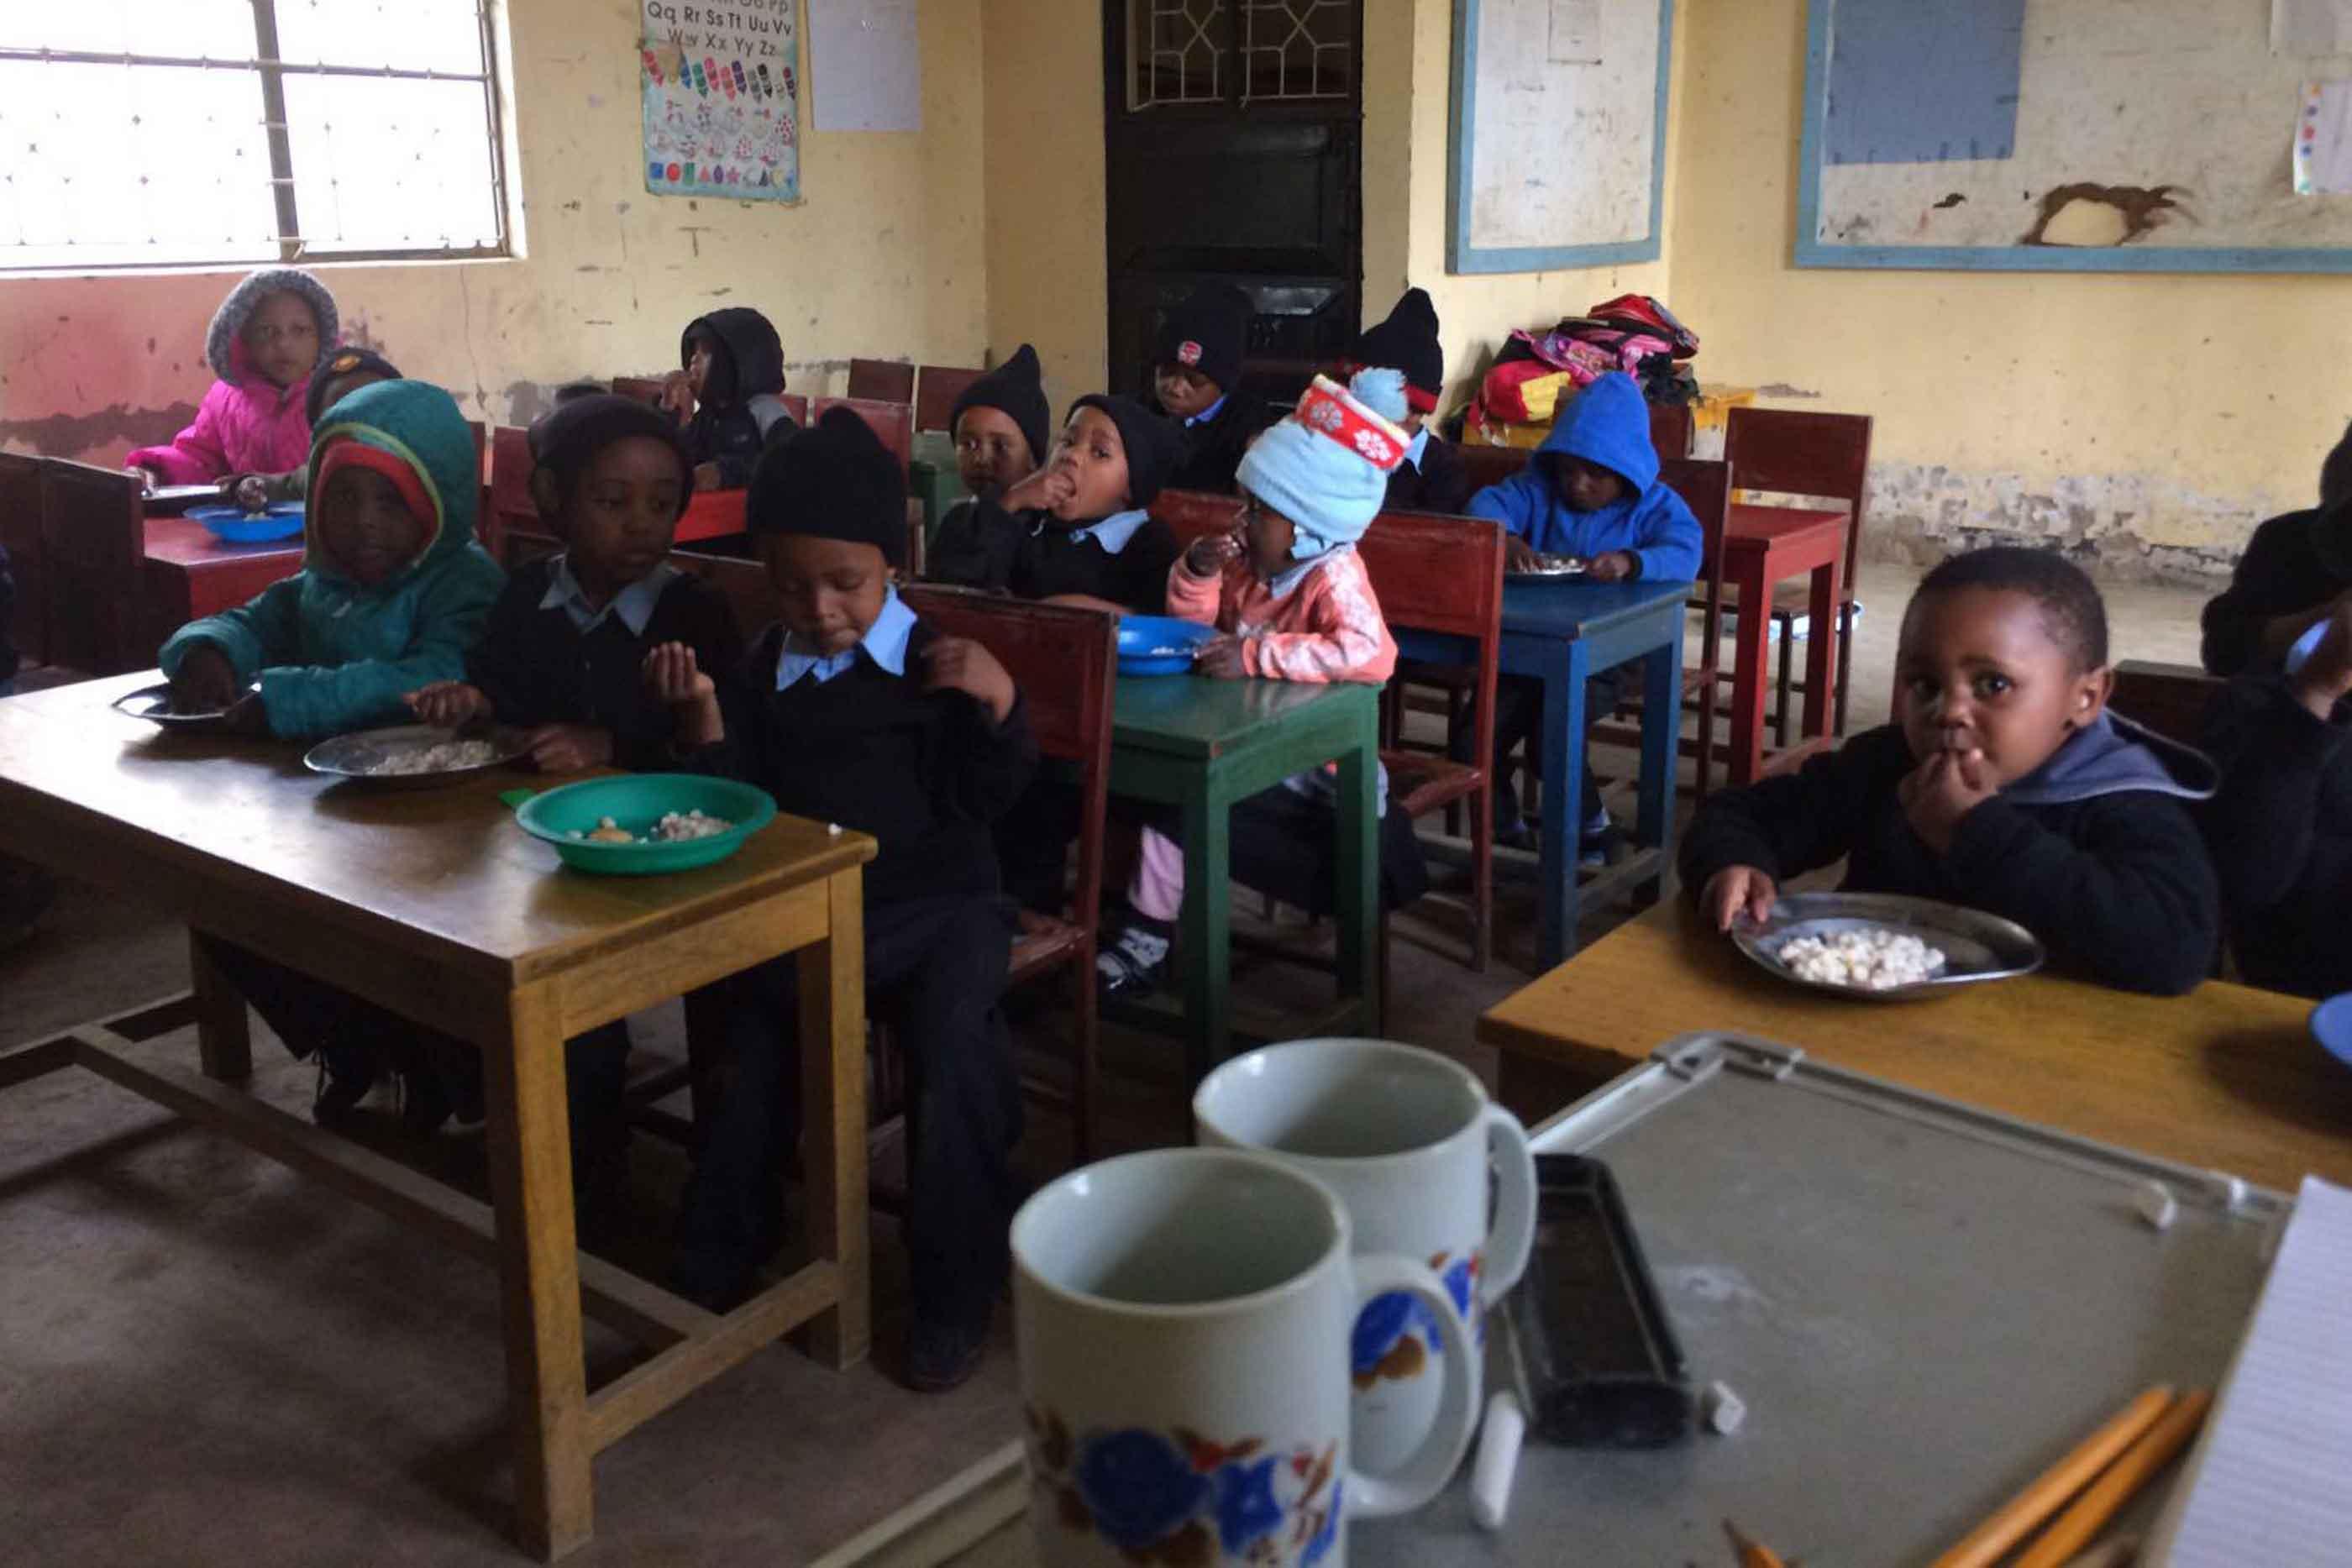 Crianças no orfanato durante o almoço.